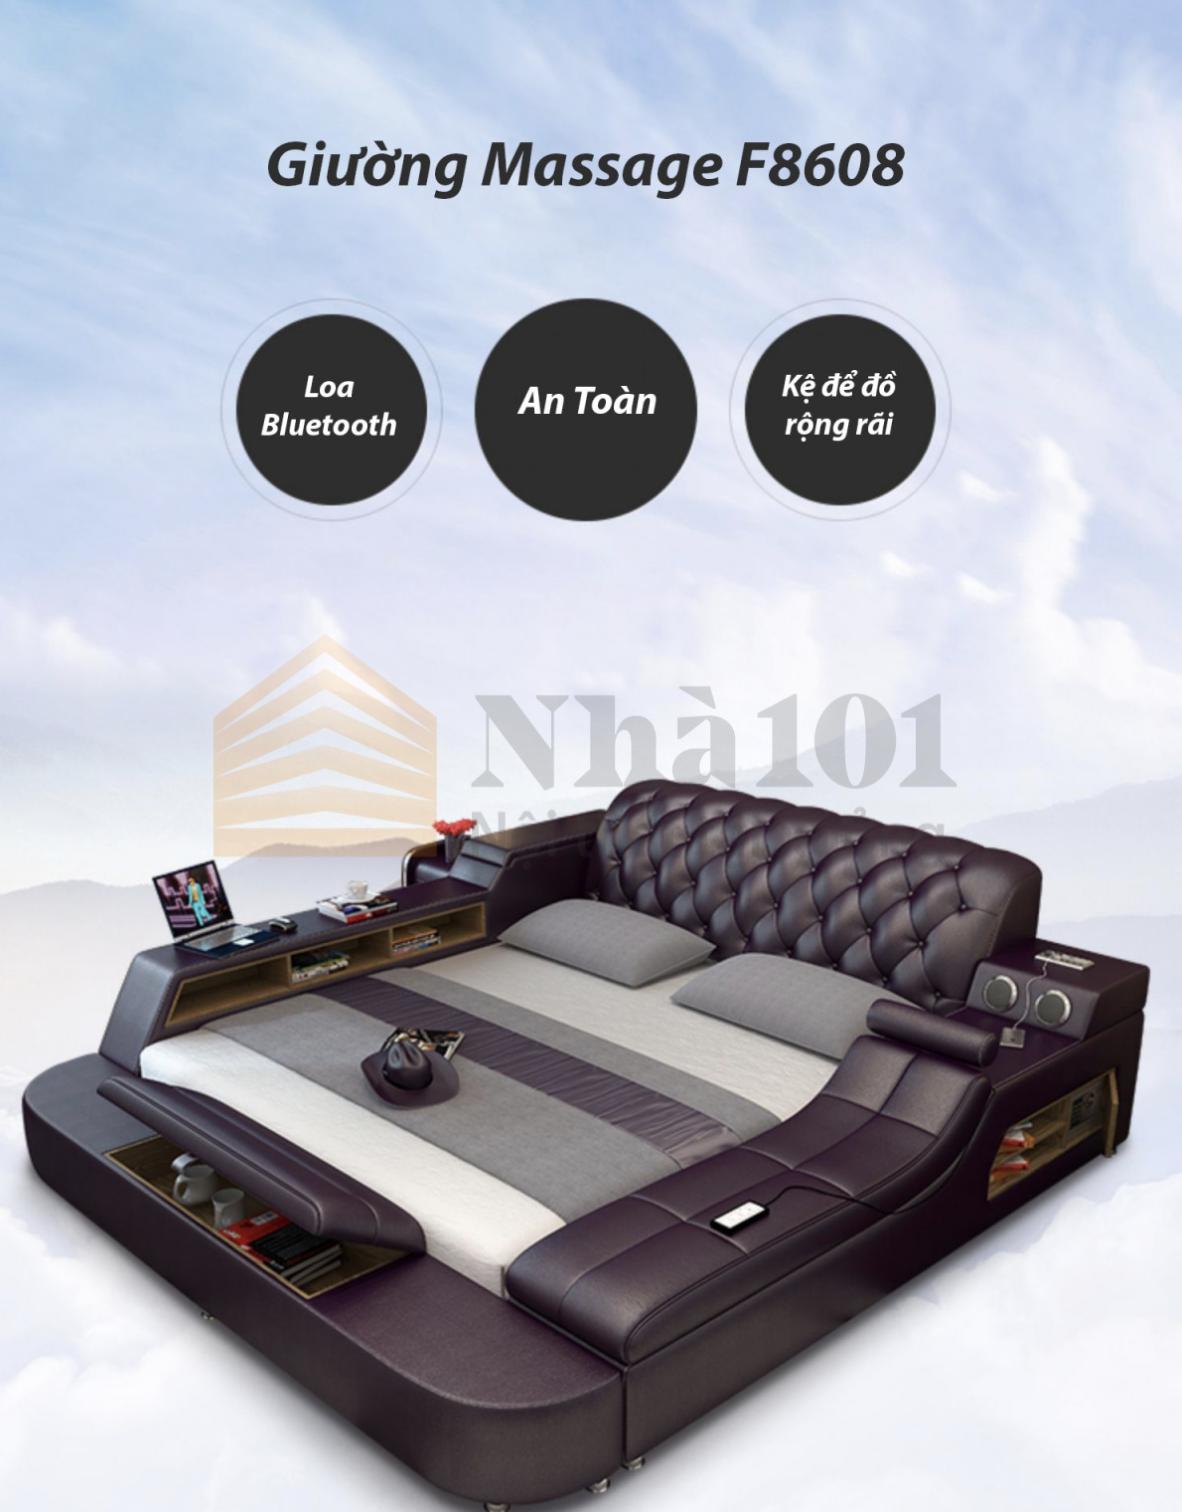 Giường Massage F8608, giường massage, giường tiện nghi 1